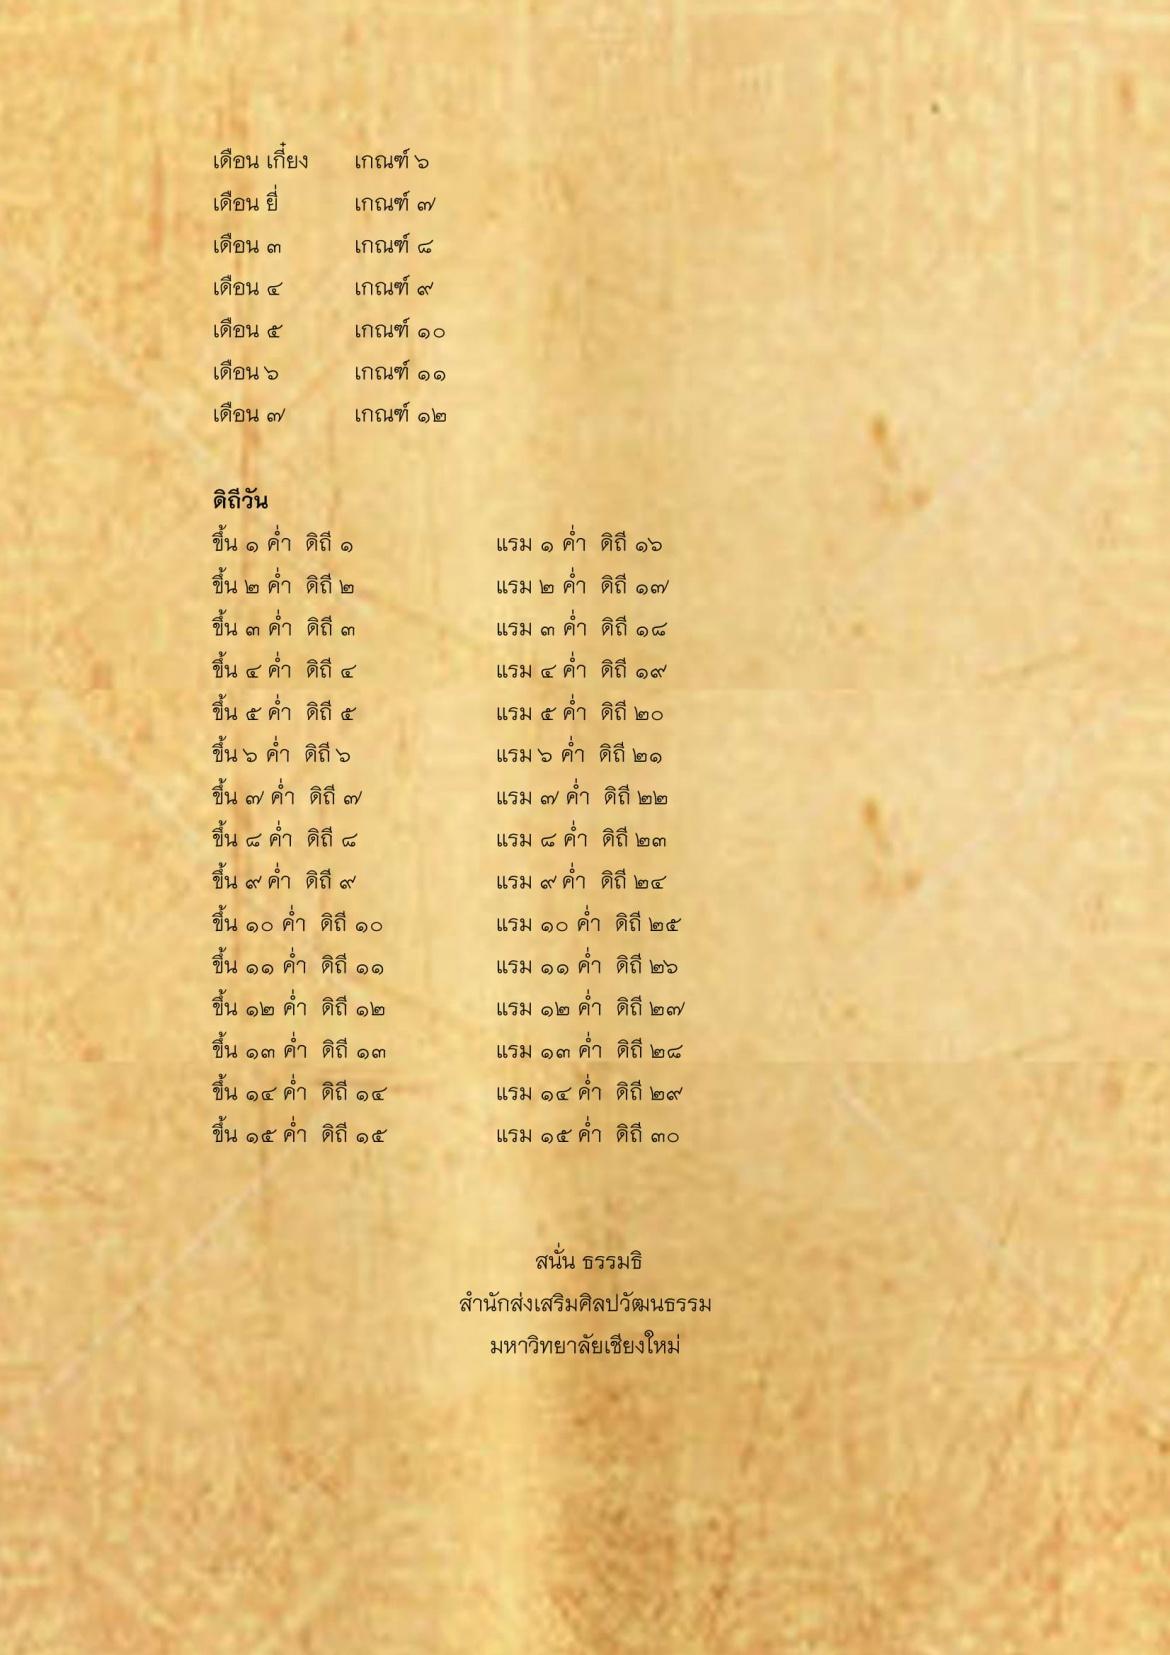 พิธีกรรมเเละความเชื่อการปลูกเรือนล้านนา(68) - 17 กุมภาพันธ์ 2563